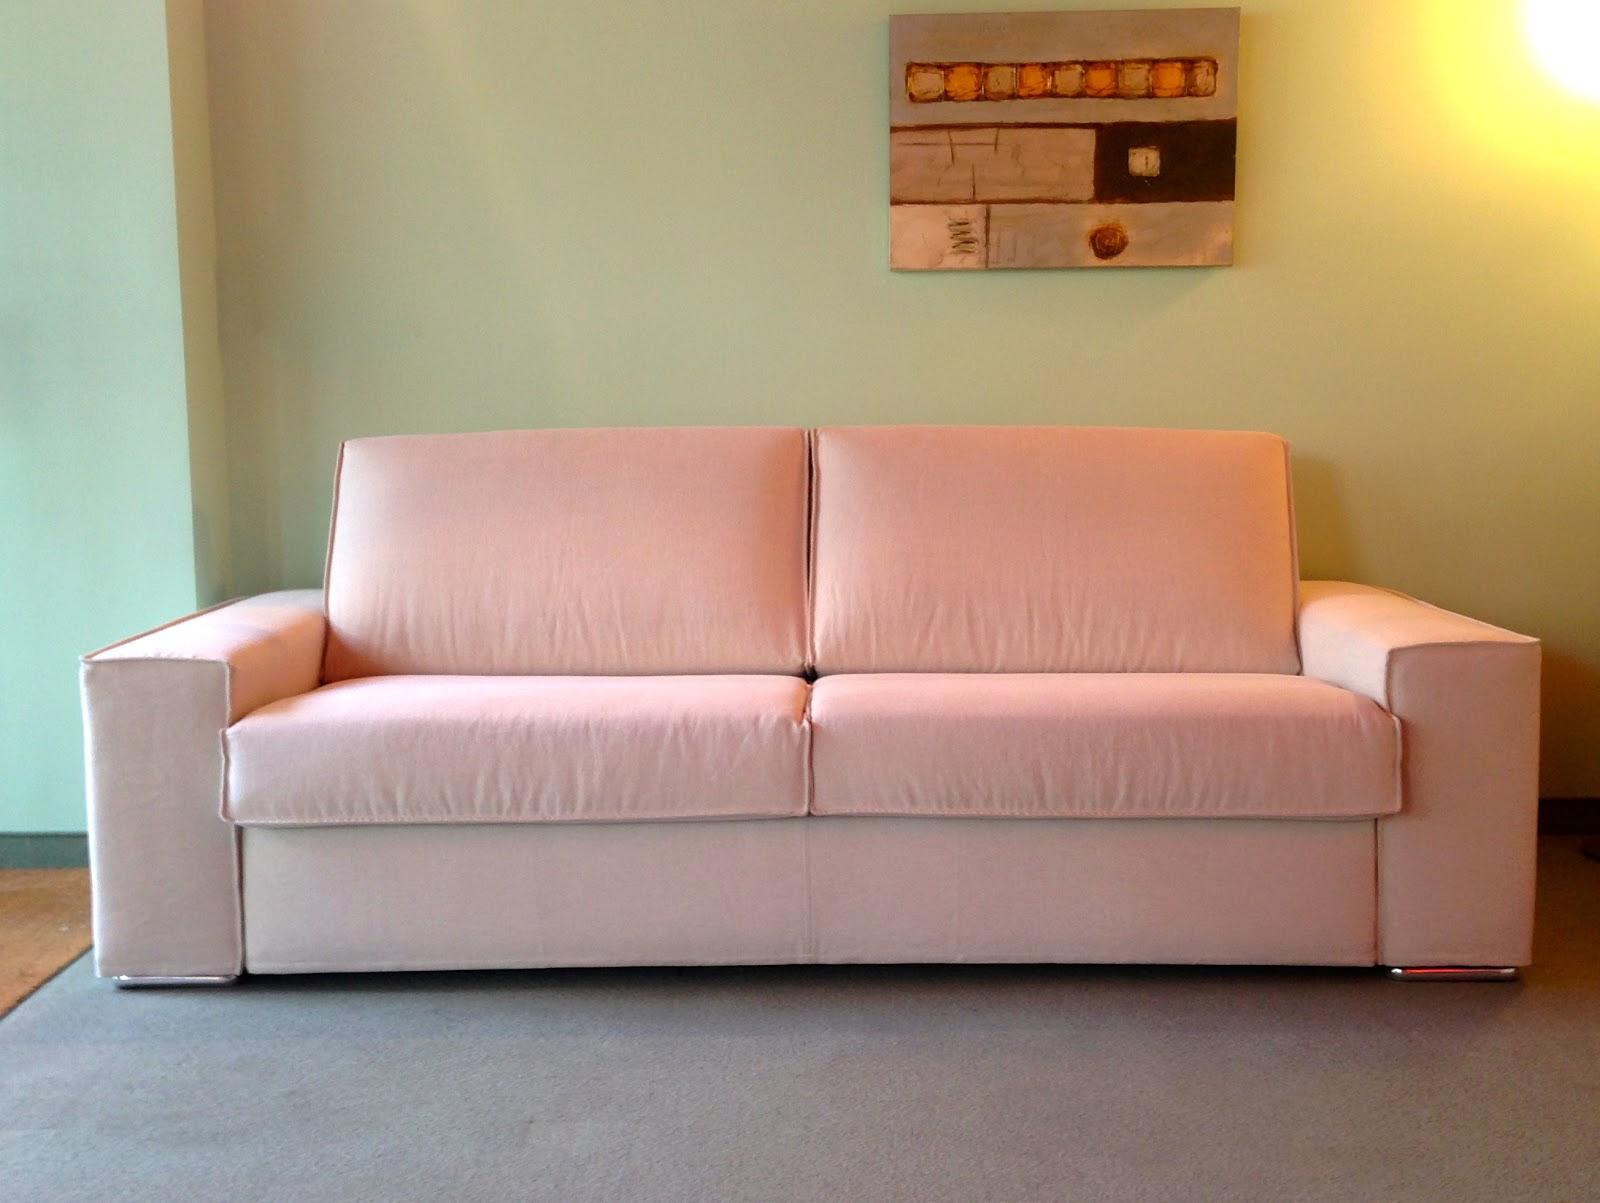 Vendita divani letto lissone monza e brianza milano divano letto moderno zeus - Divano letto moderno ...